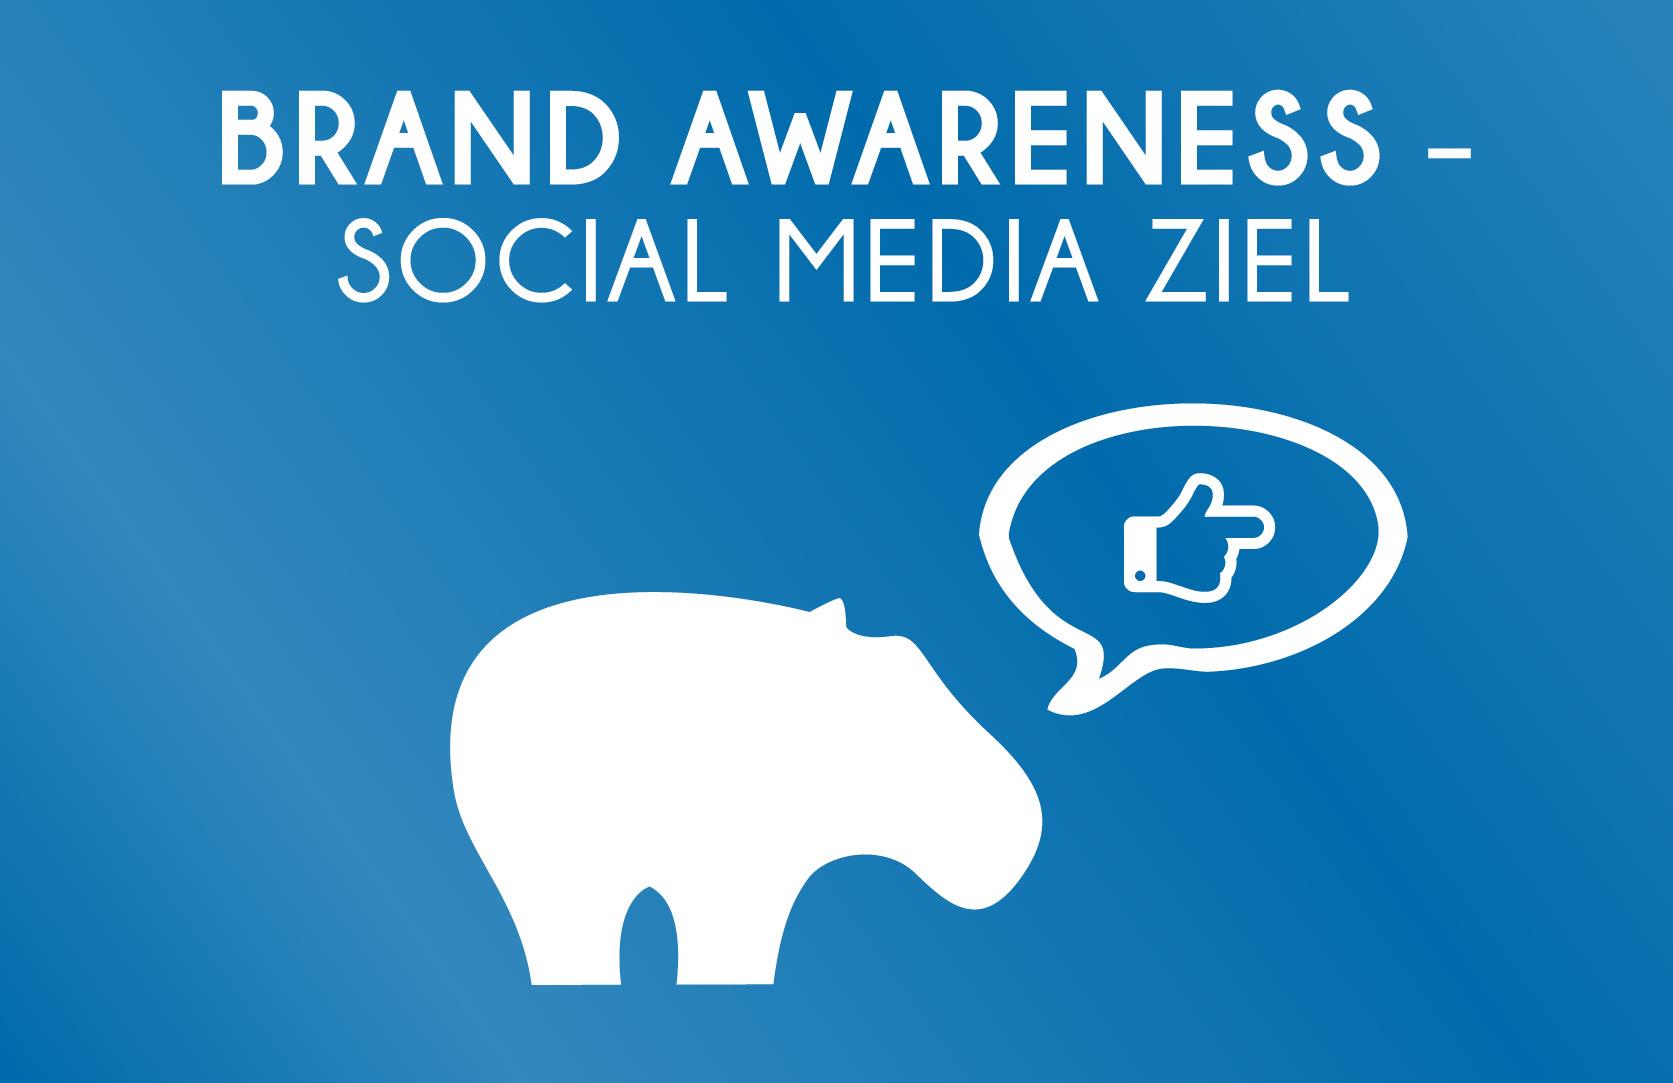 Brand Awareness - Social Media Ziel - das musst Du wissen